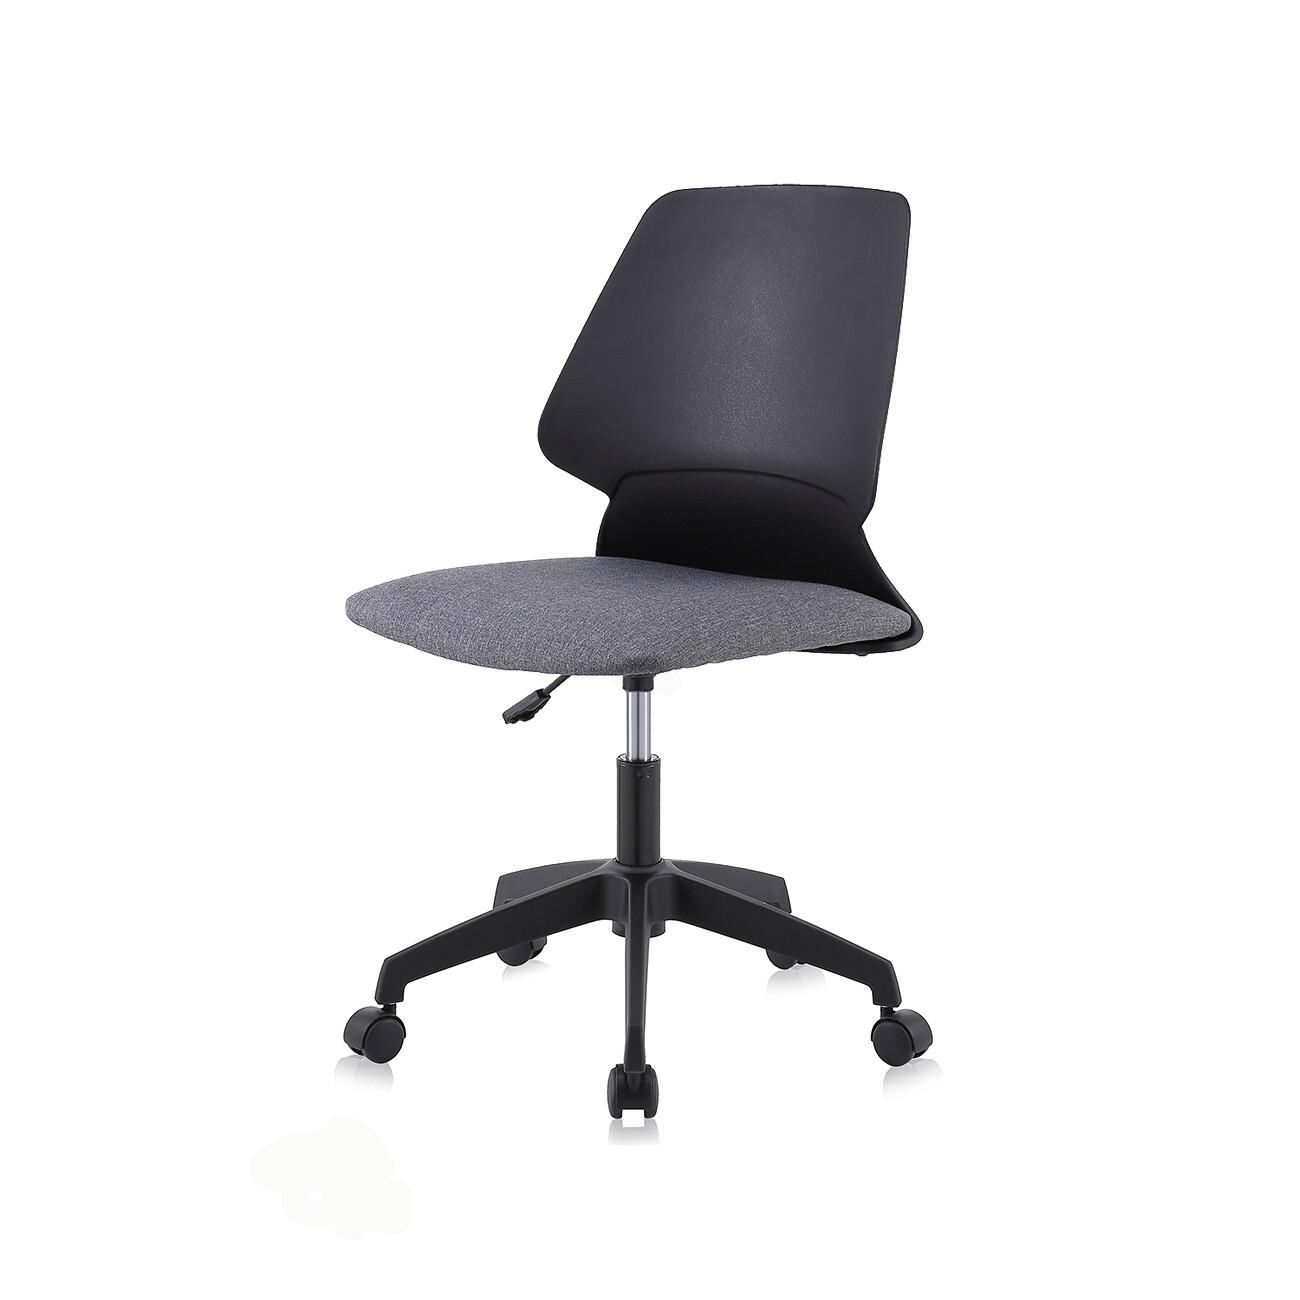 MY SIT Bürostuhl / Design-Hocker Drehstuhl Stuhl NEO in Schwarz/Grau mit Weichbodenrollen